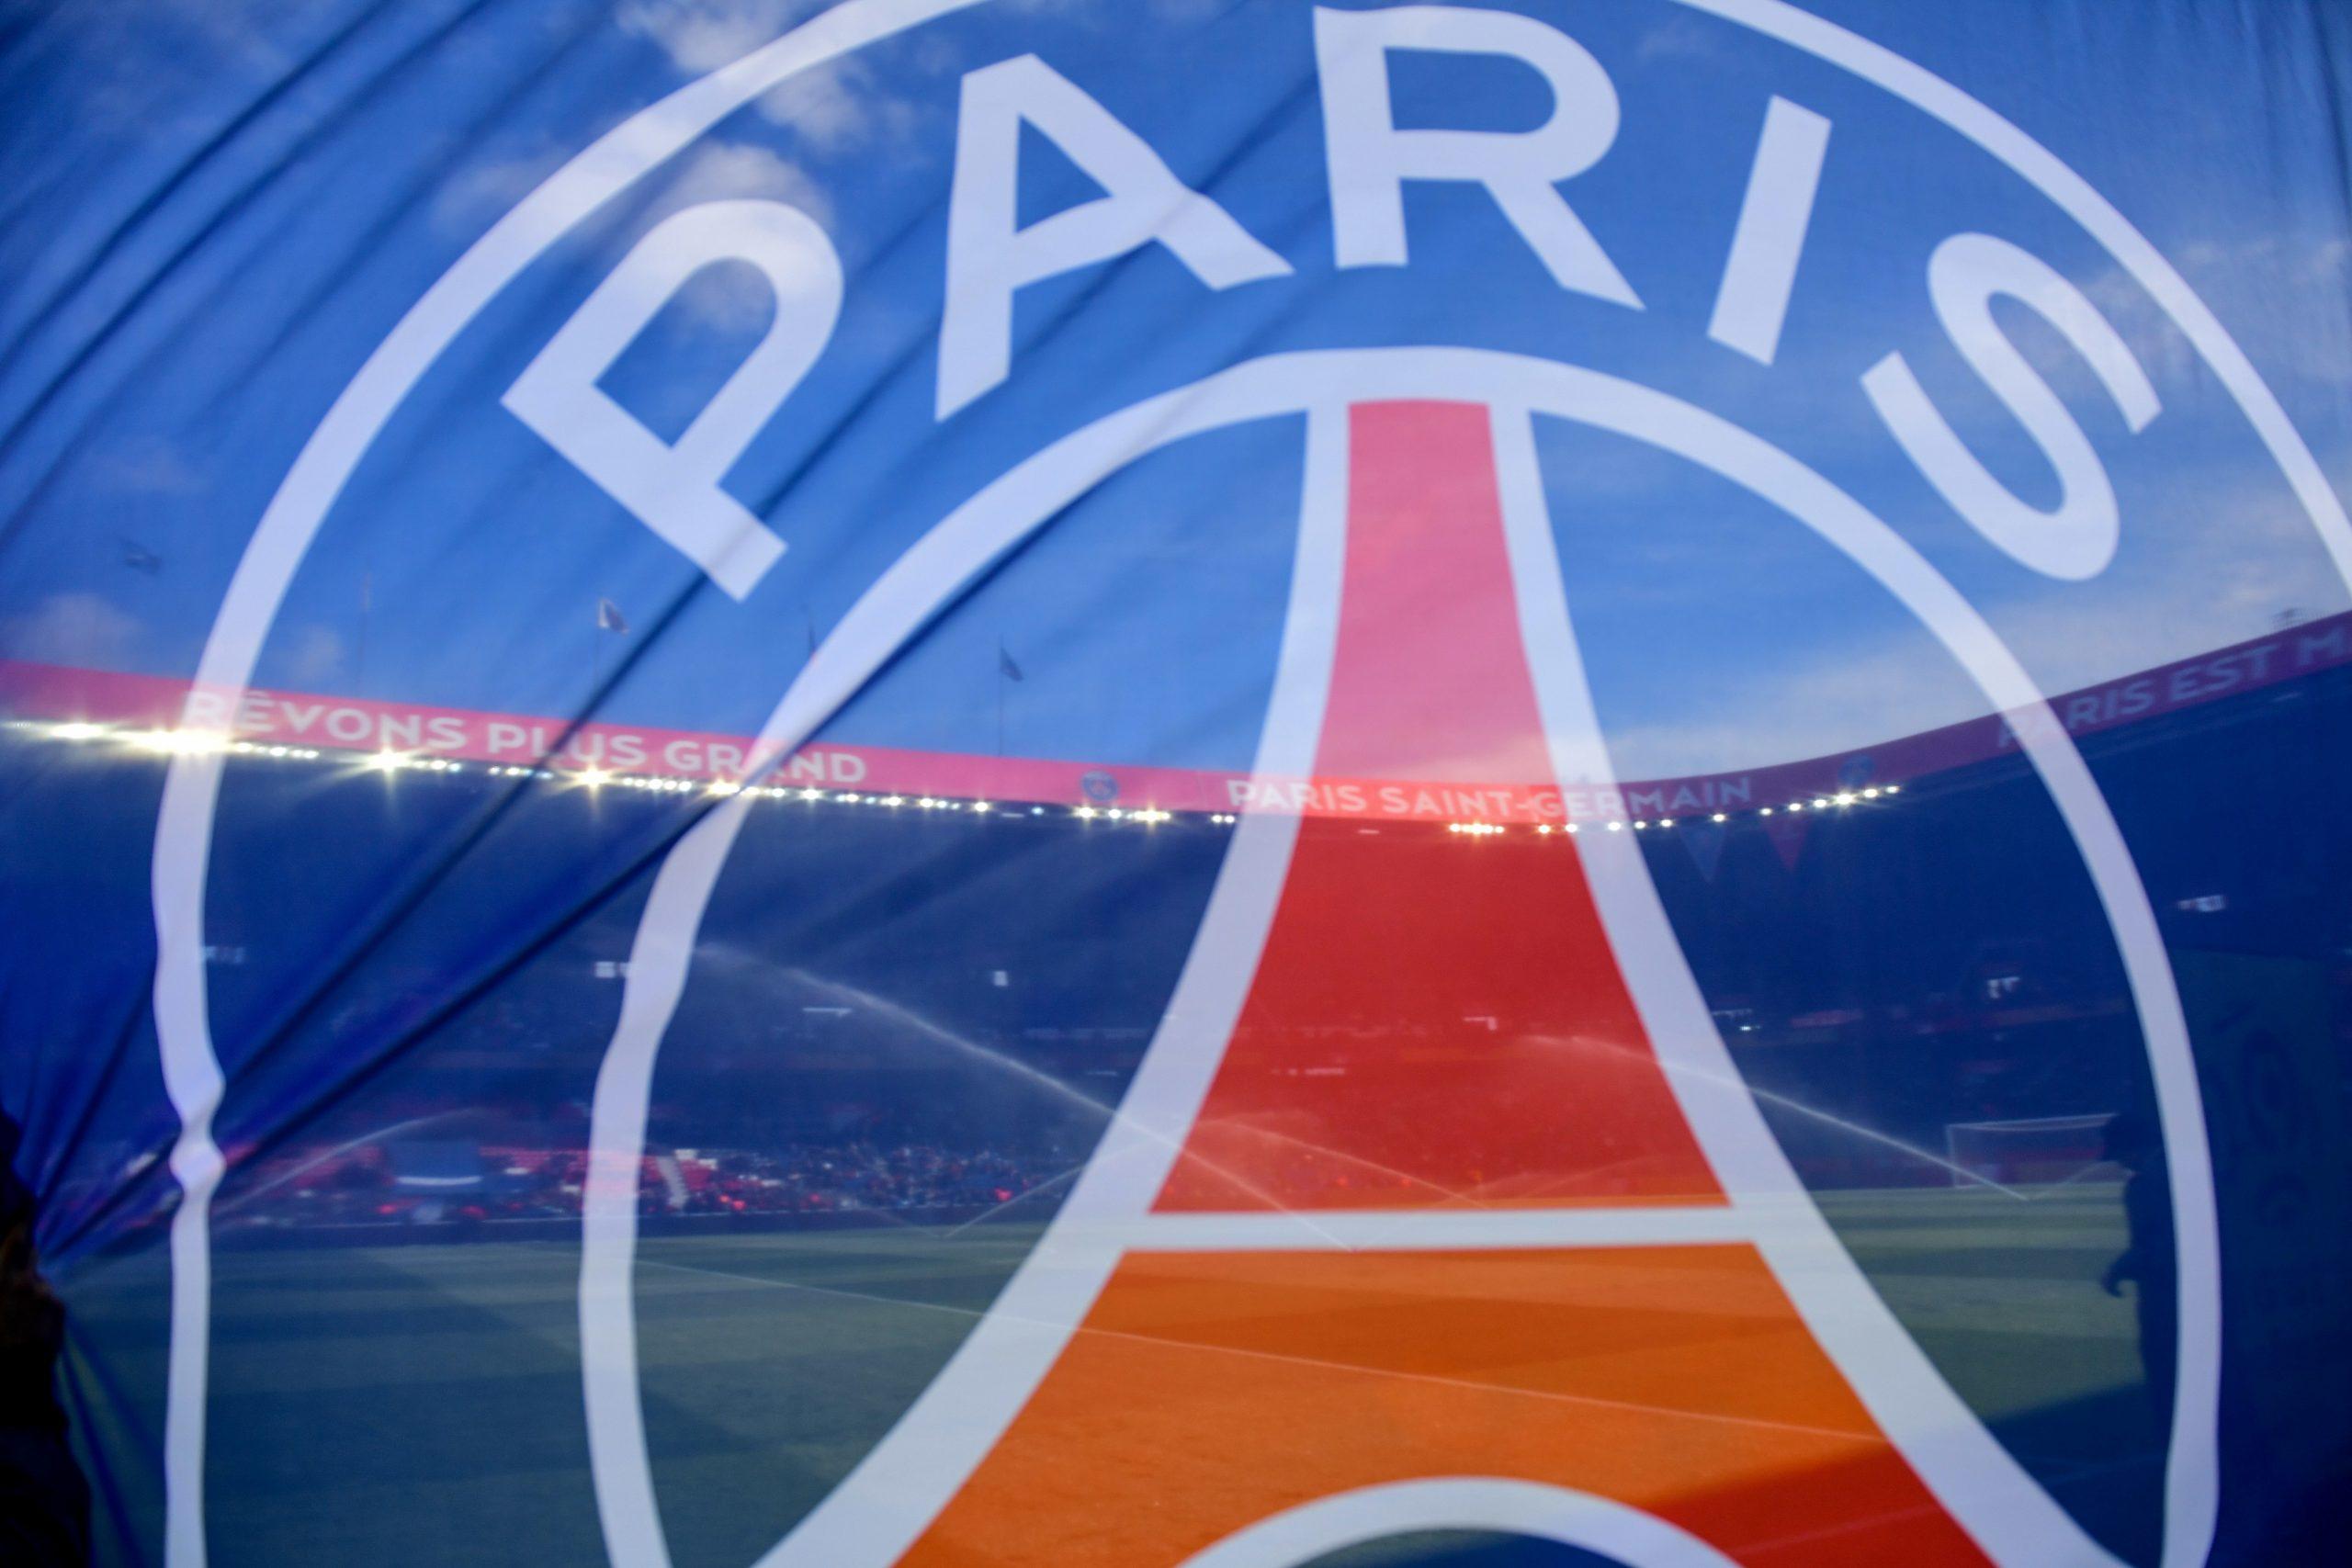 Le programme du PSG cette semaine : Ligue 1, Coupe de France et 2 conférences de presse